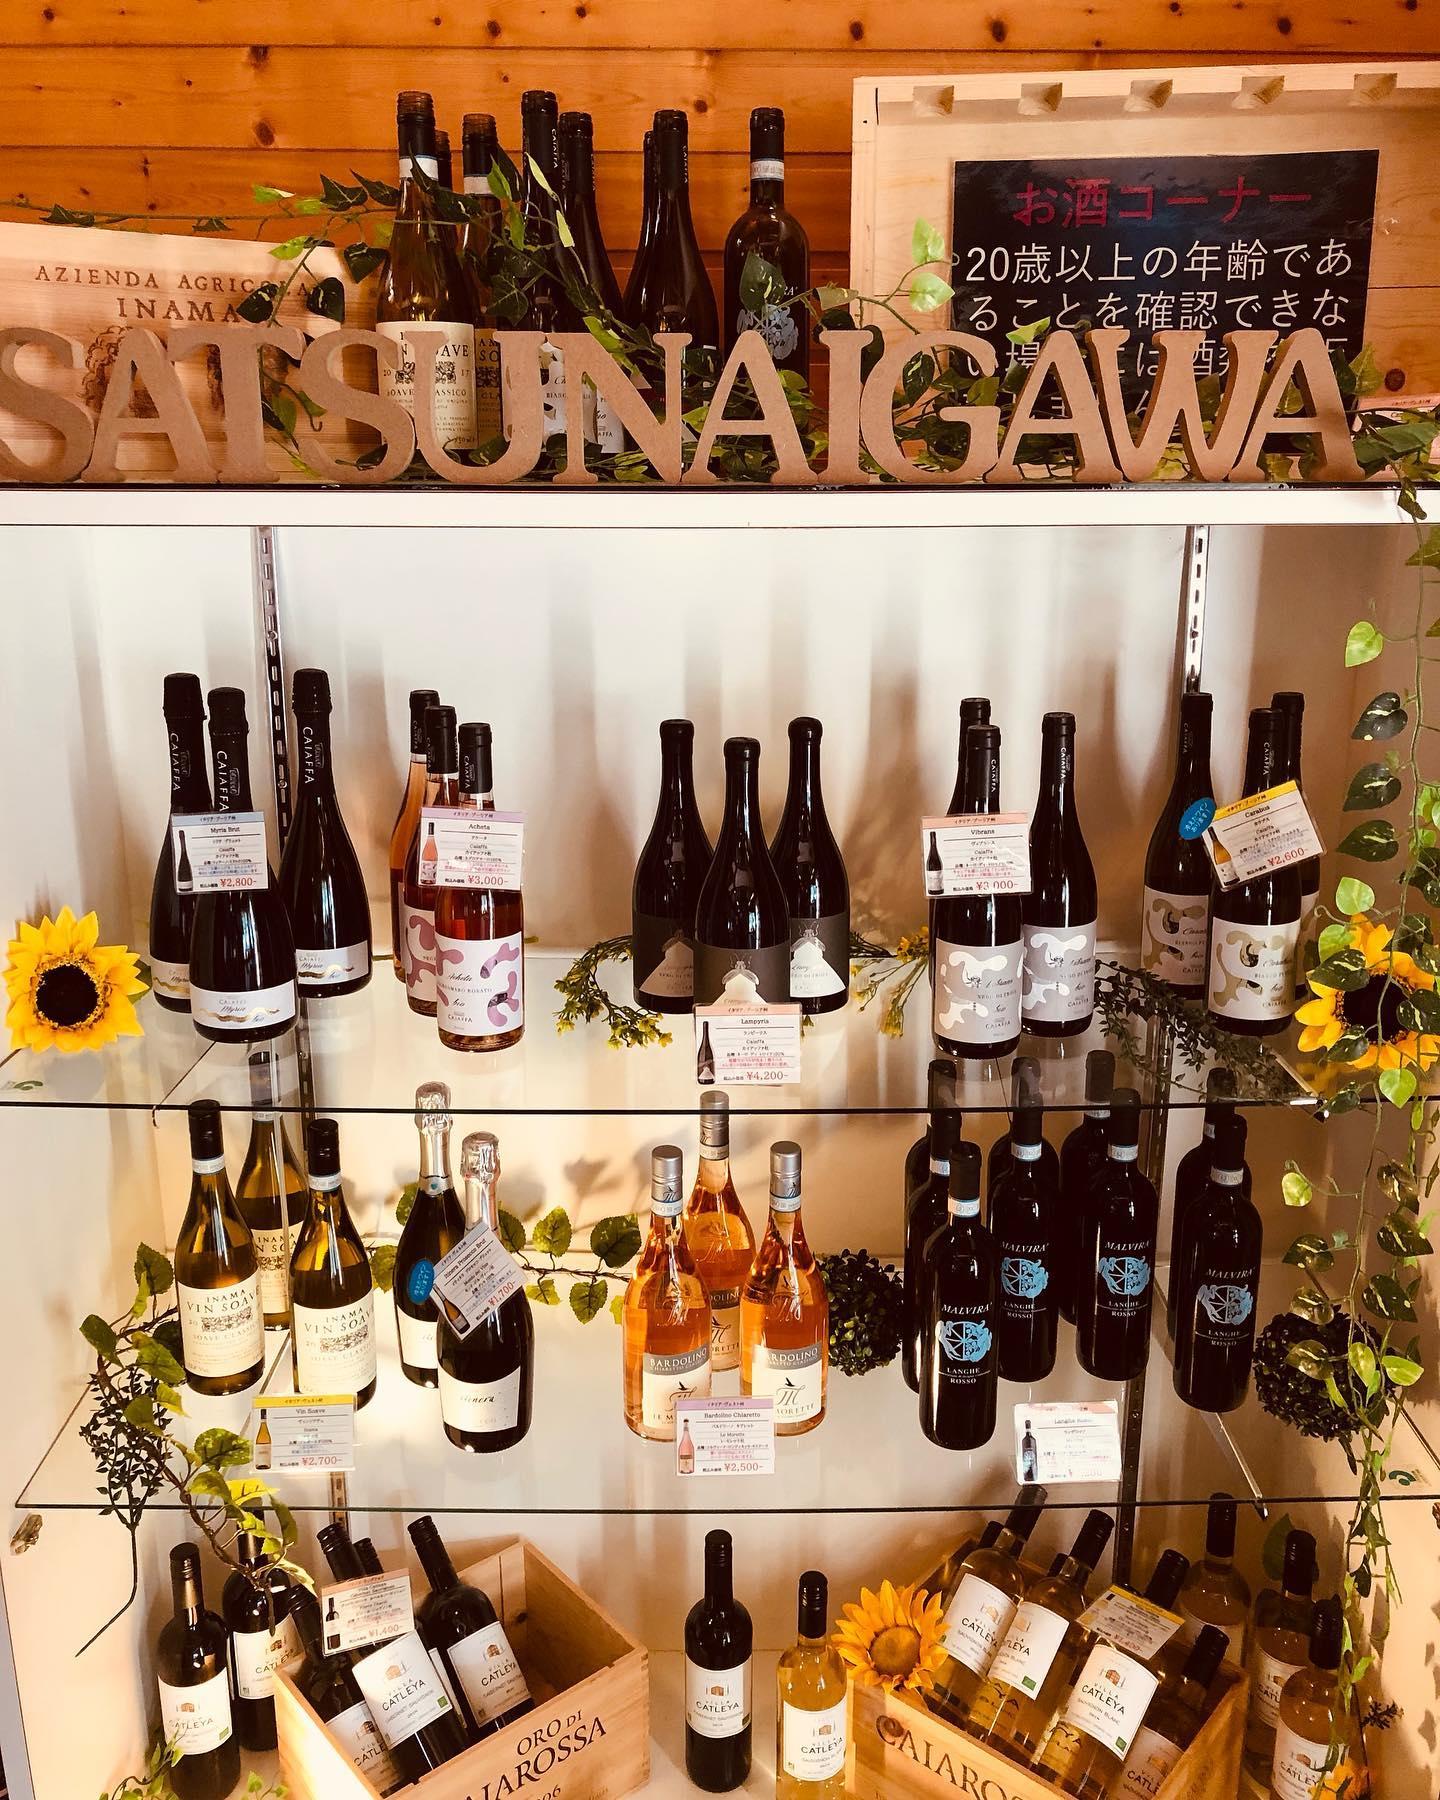 札内川園地キャンプ場では、イタリアを中心としたオーガニックワインを購入することができるのをご存知でしょうか?取扱うすべてのワインは、十勝ではここでしか買えないワインです!札内川園地を運営する株式会社AOILOにはワインのソムリエ資格を有する社員がおります。中札内村に移住する2年半前まで東京にあるワインなどを取り扱う輸入商社にてインポーターとしてワインの現地買い付けなどに携わっておりました。大好きな自然の中で、ソムリエ厳選のワインを飲んでみるのも、おススメの過ごし方です。ぜひお気軽に手に取ってみてはいかがでしょうか。#札内川園地キャンプ場 #ピョウタンの滝 #北海道キャンプ #ソロキャンプ #女子キャンプ #ファミリーキャンプ #キャンプ場でキッチンカー #AOILOKITCHEN  #自然体験 #野営 #焚き火 #トレーラーハウス  #スノーピーク #ランドロック #中札内村 #中札内 #十勝 #北海道 #日本で最も美しい村 #北海道旅行 #北海道観光 #十勝観光 #camp  #nakasatsunai #tokachi #hokkaido #森のワイン屋さん #ソムリエ #ワインを買えるキャンプ場 #ソムリエがいるキャンプ場